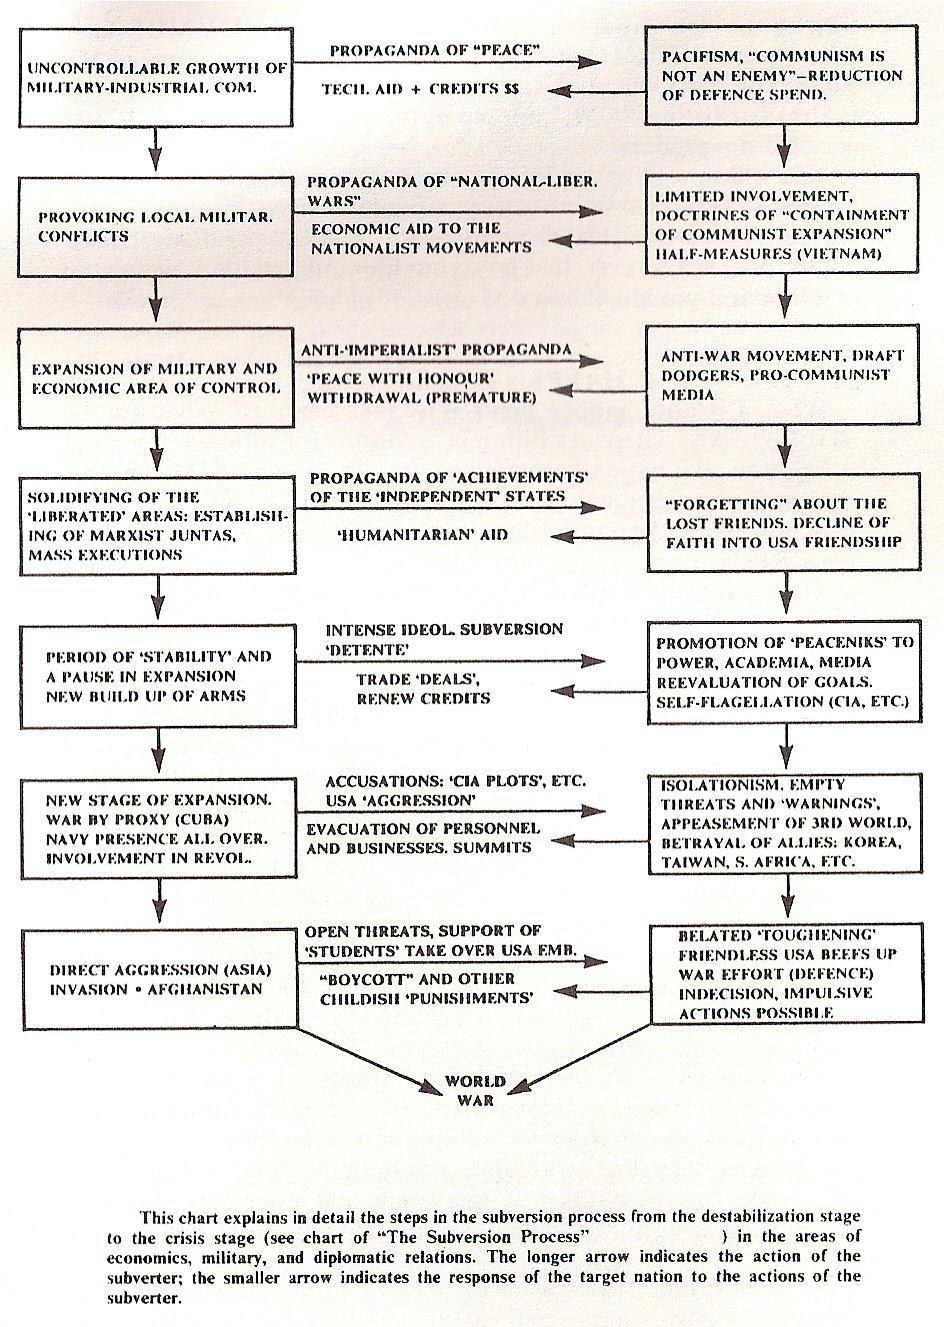 KGB Subversive action charts & timeline article1510482489 subversion Marxism KGB fascism Communism  other